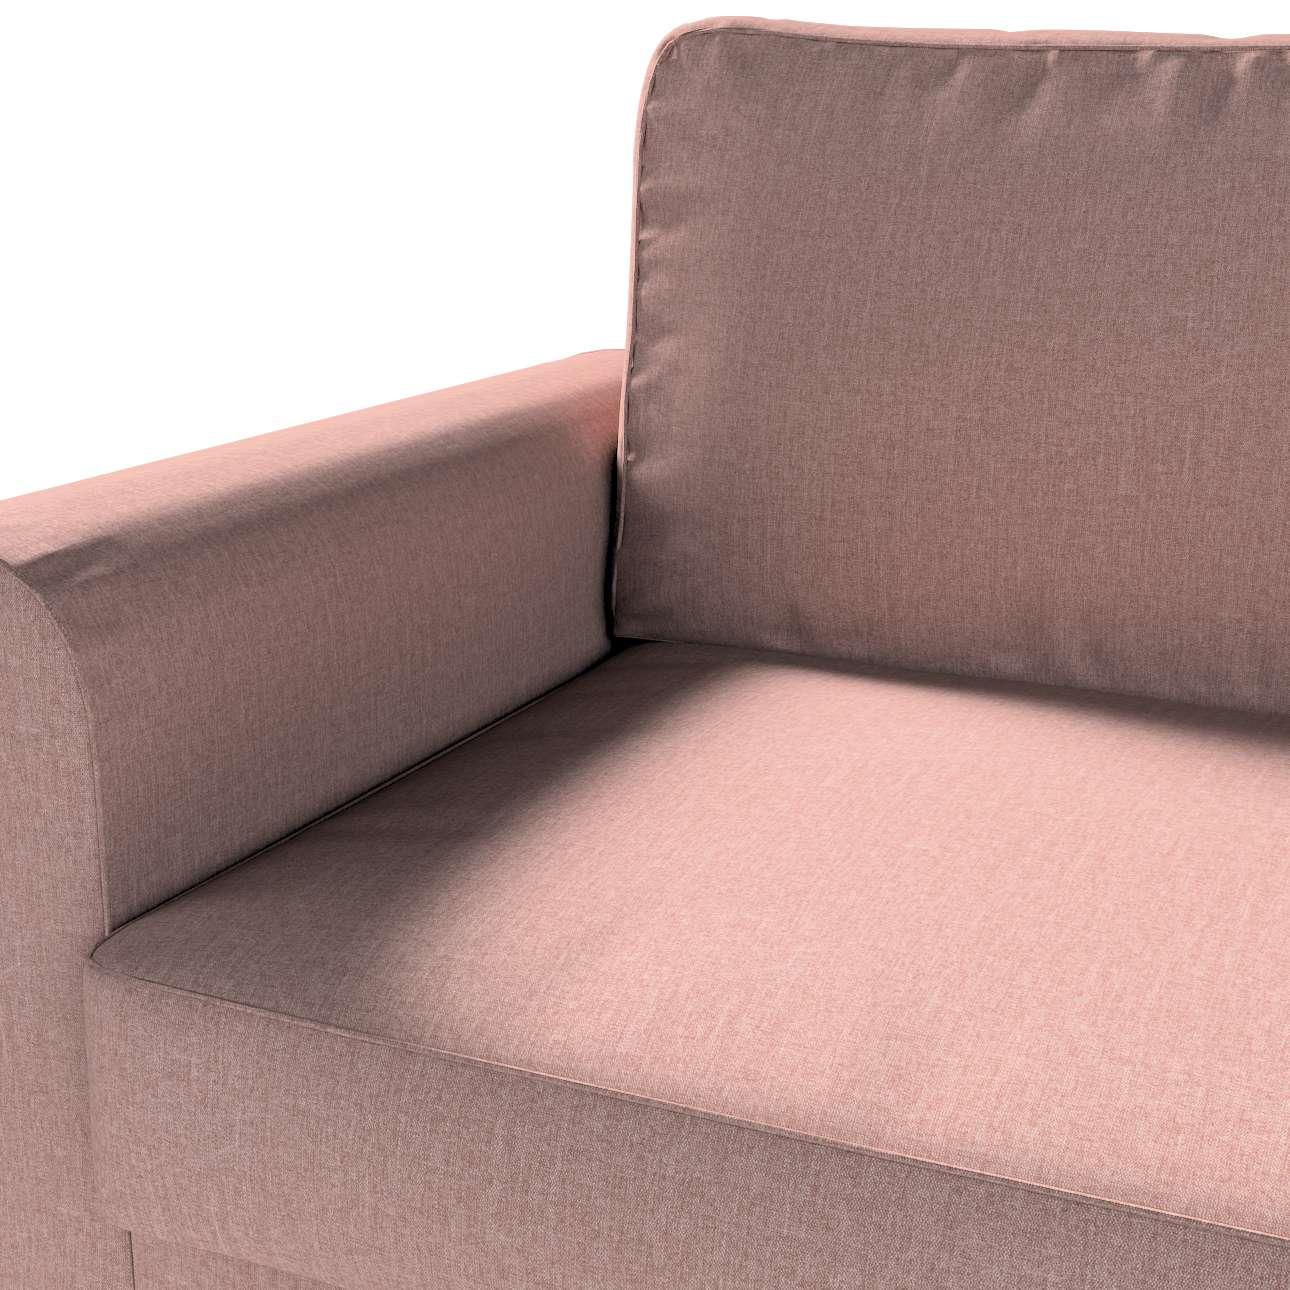 Pokrowiec na sofę Backabro 3-osobową rozkładaną w kolekcji City, tkanina: 704-83